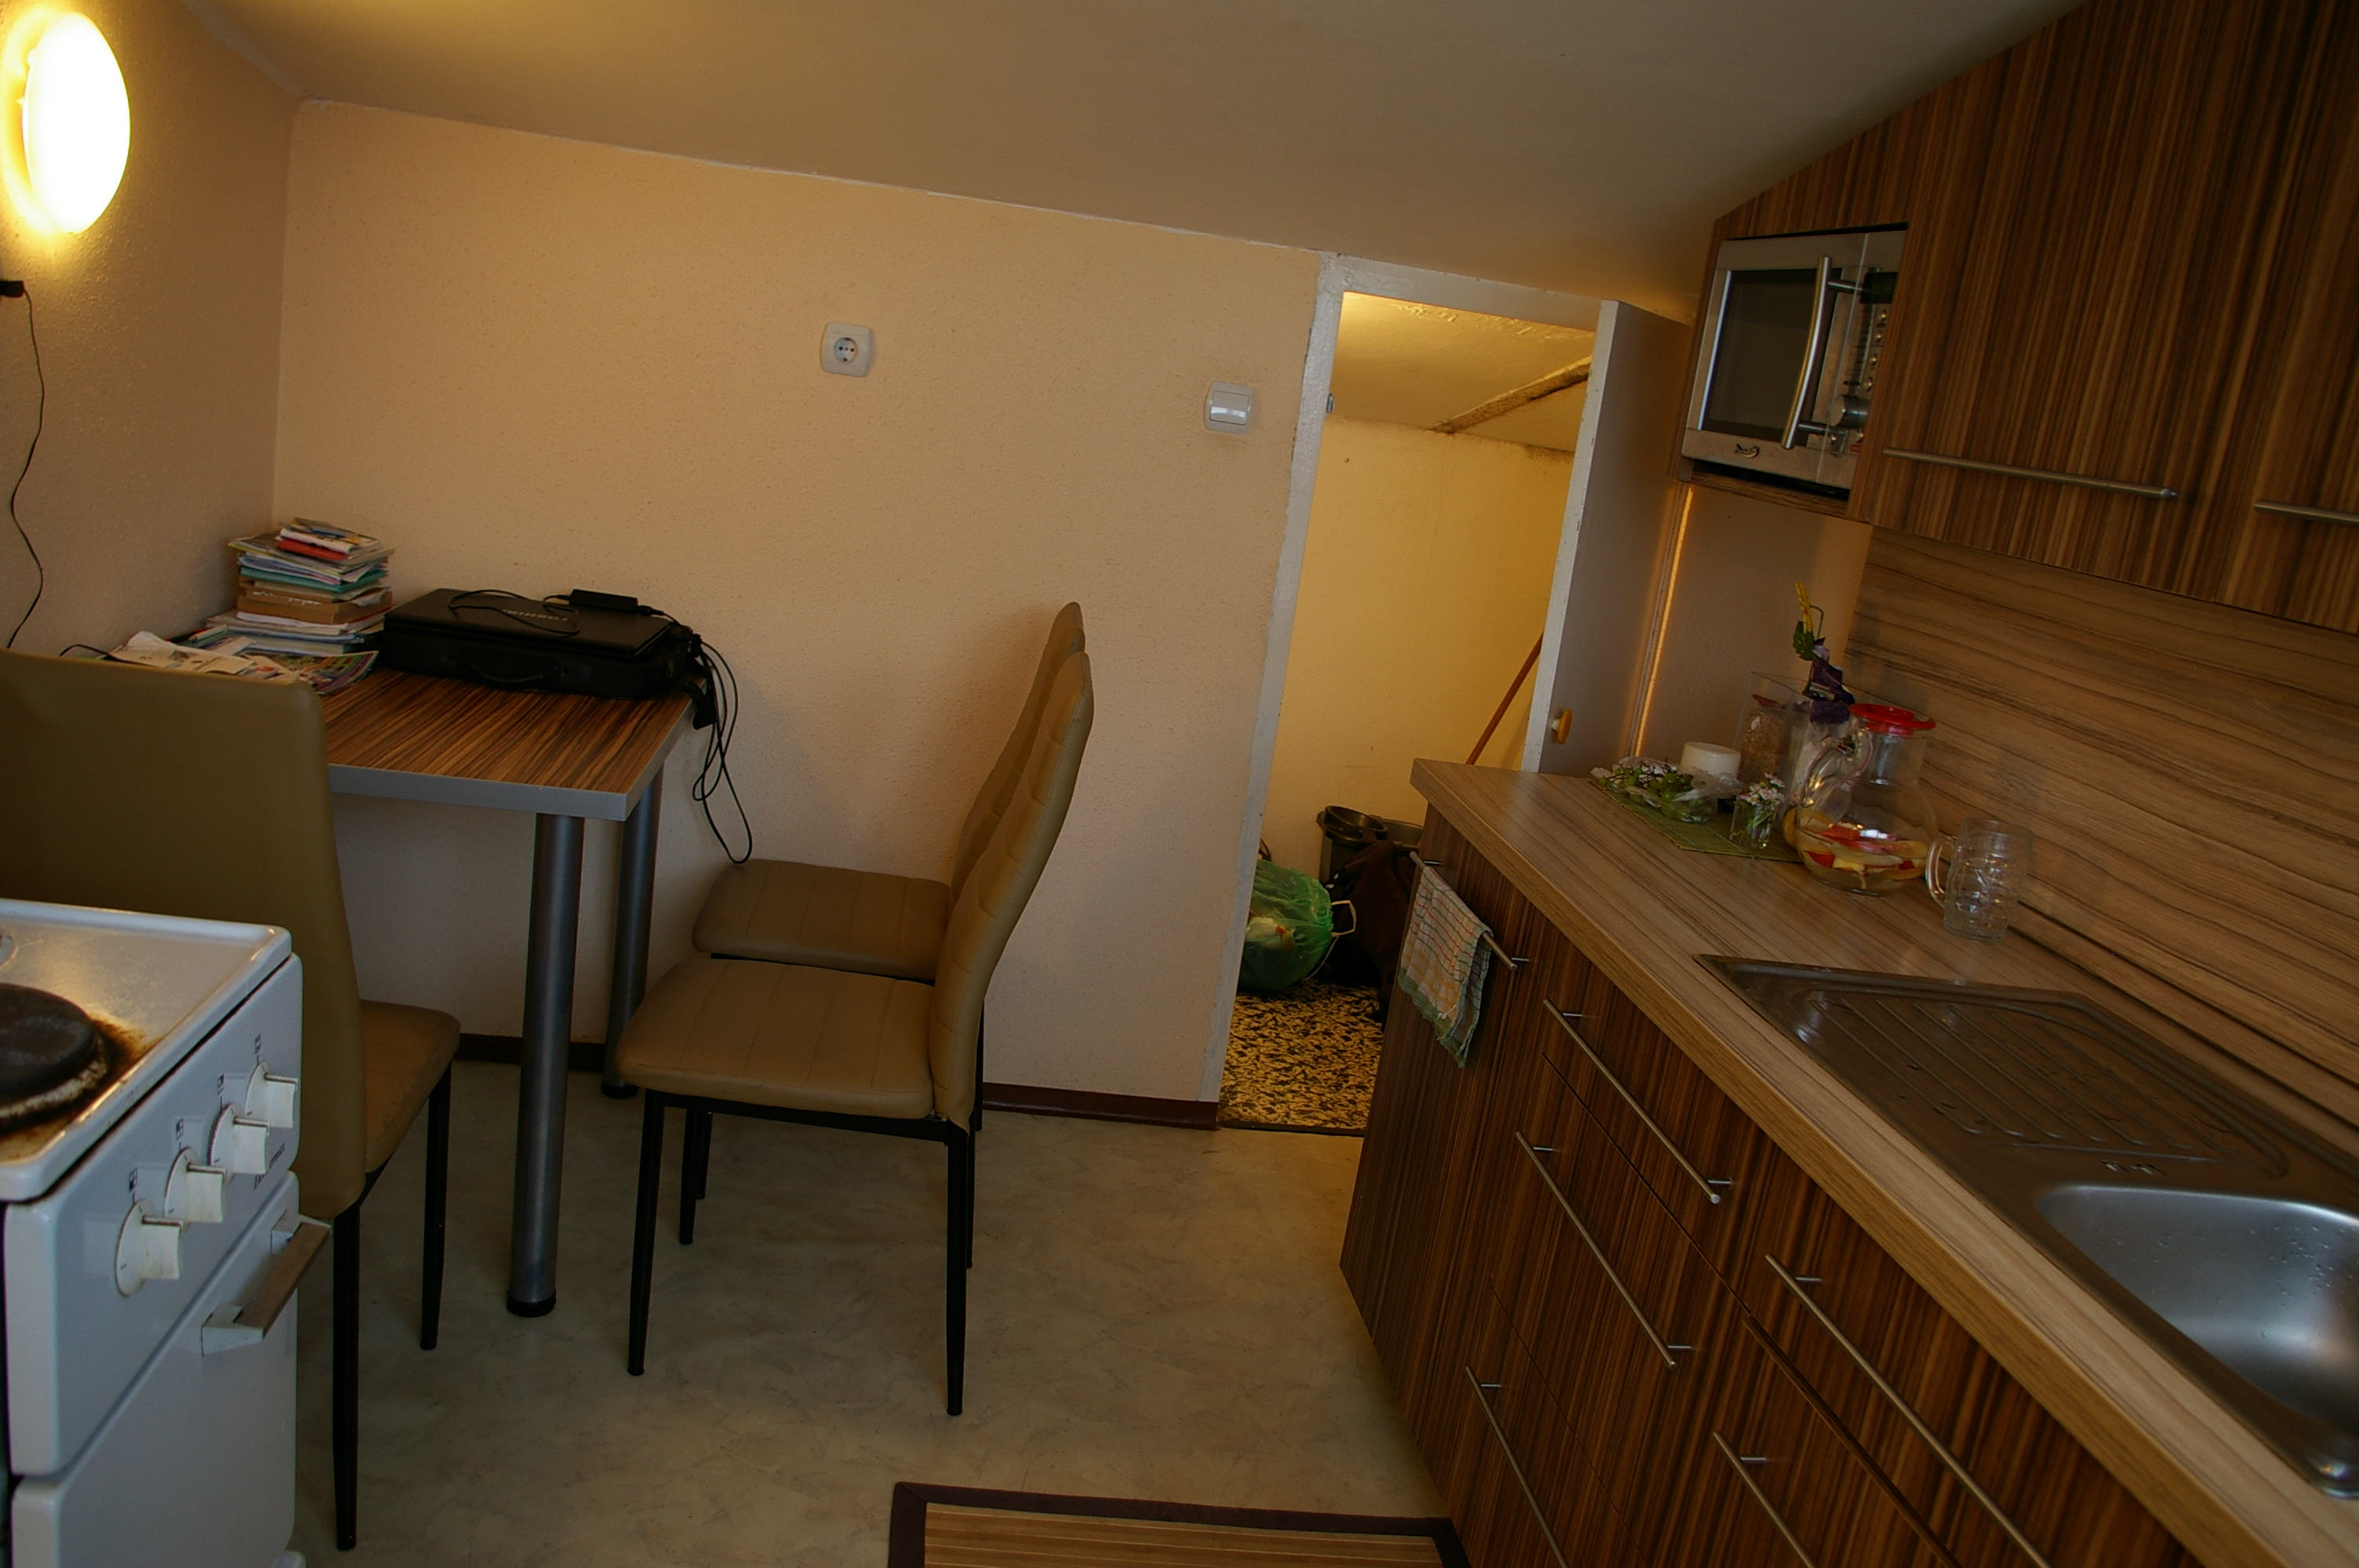 Egyedi ajánlat!!! Tetőtéri kis lakás eladó (EG-212 ...